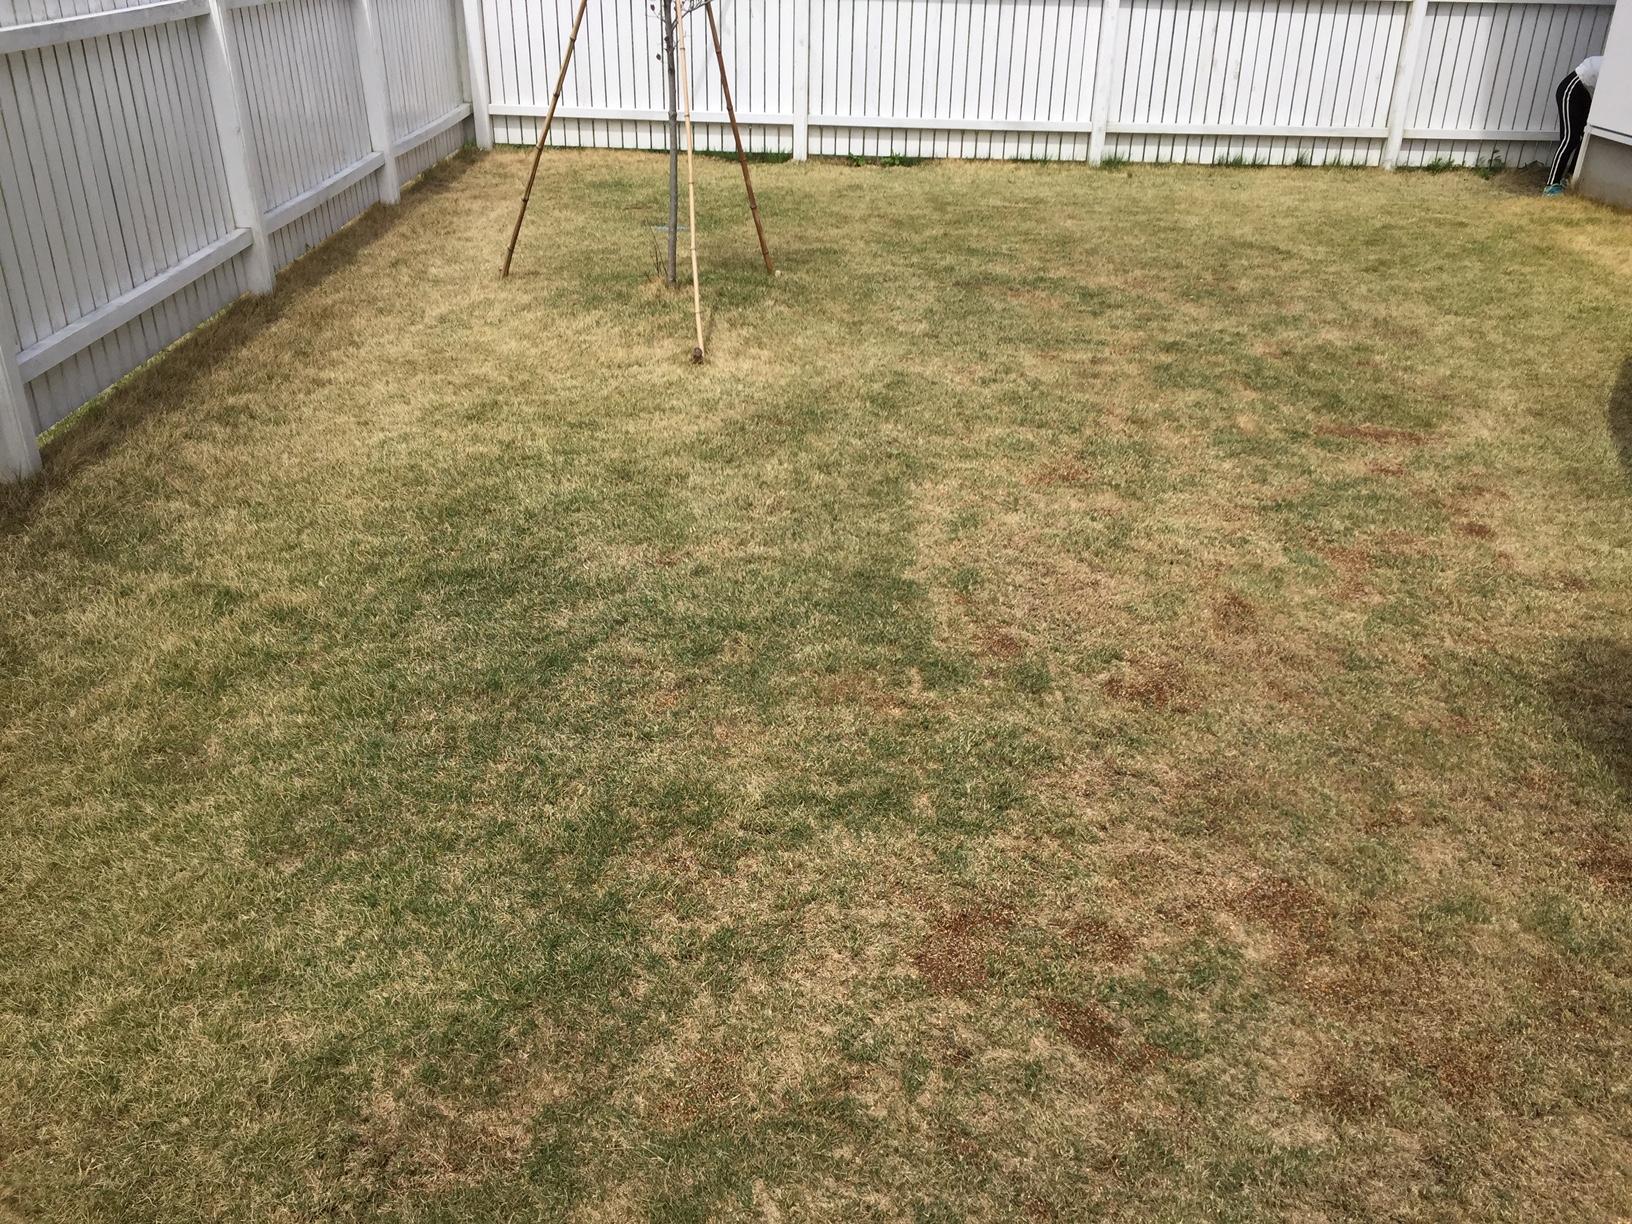 2020.05.04 芝生の状況(雑草除)